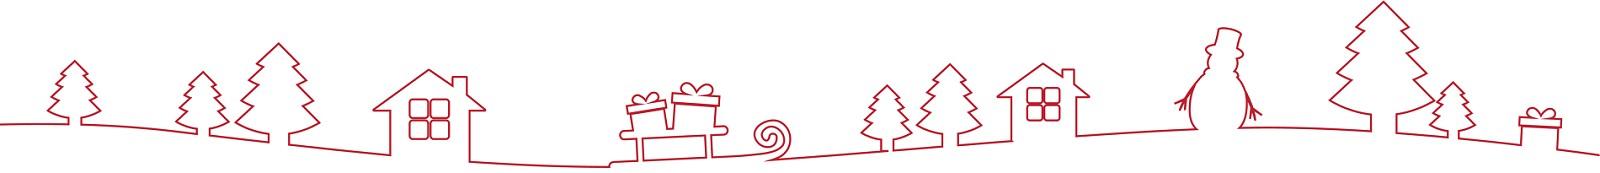 Weihnachtsgeschenke Linie